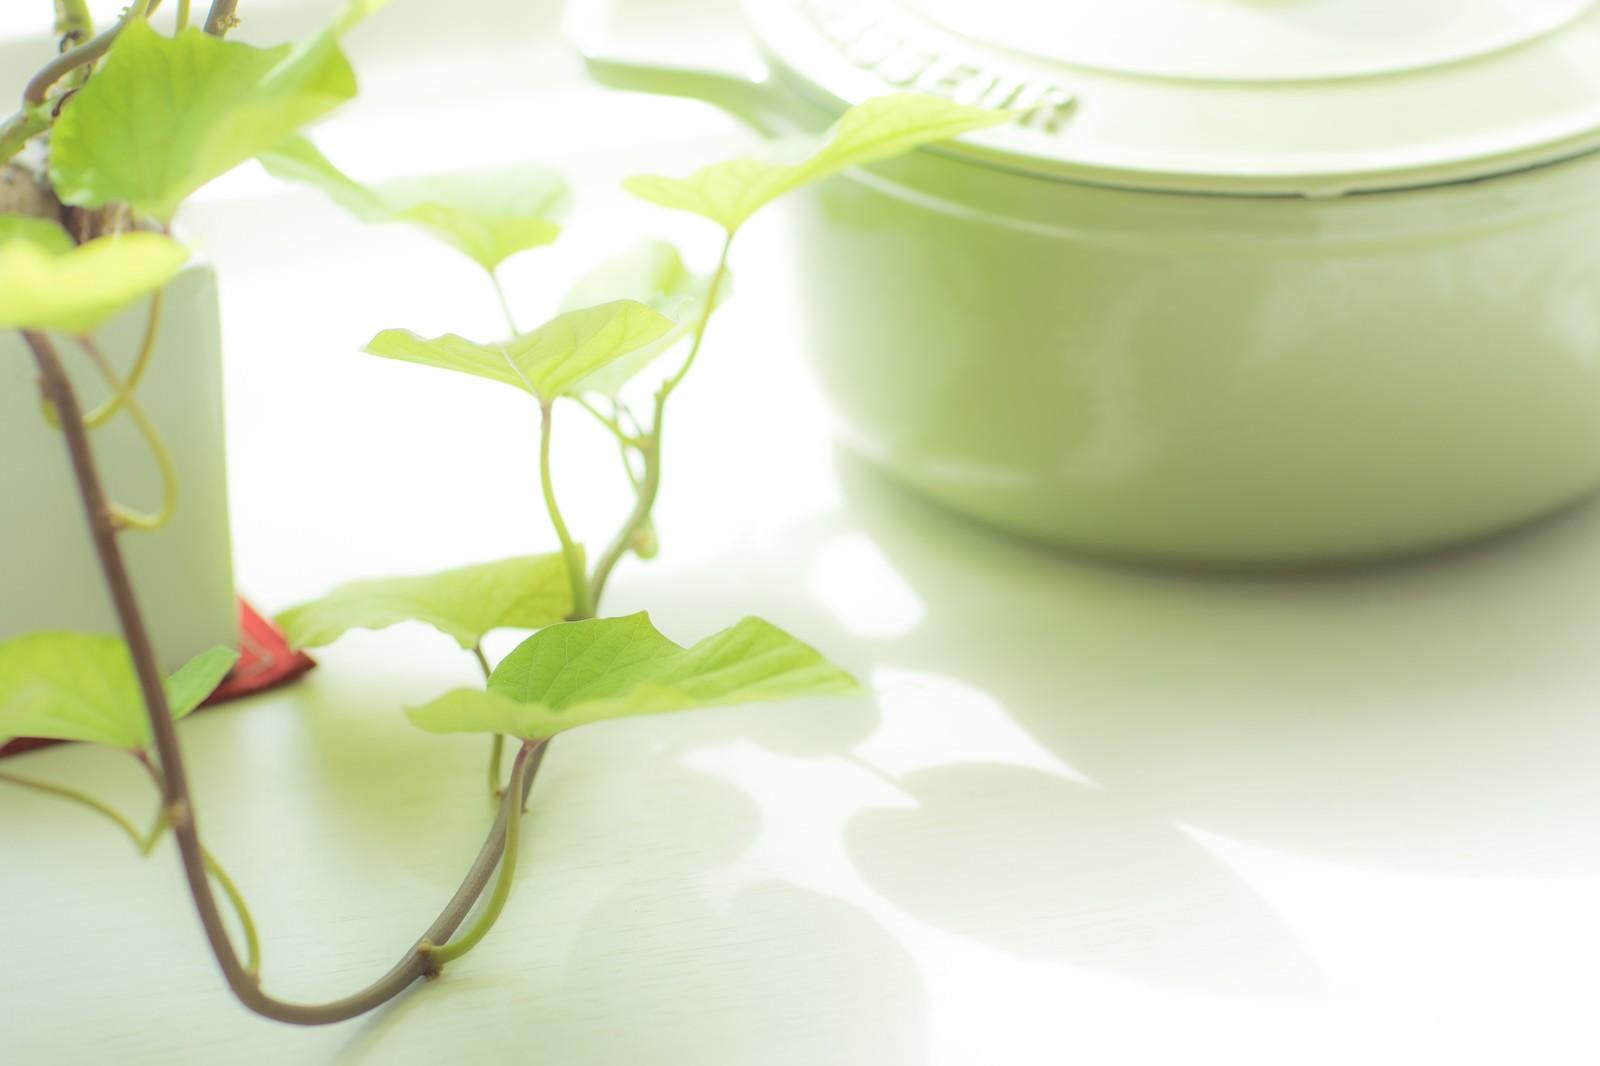 「日を浴びたサツマイモの葉と鍋」の写真